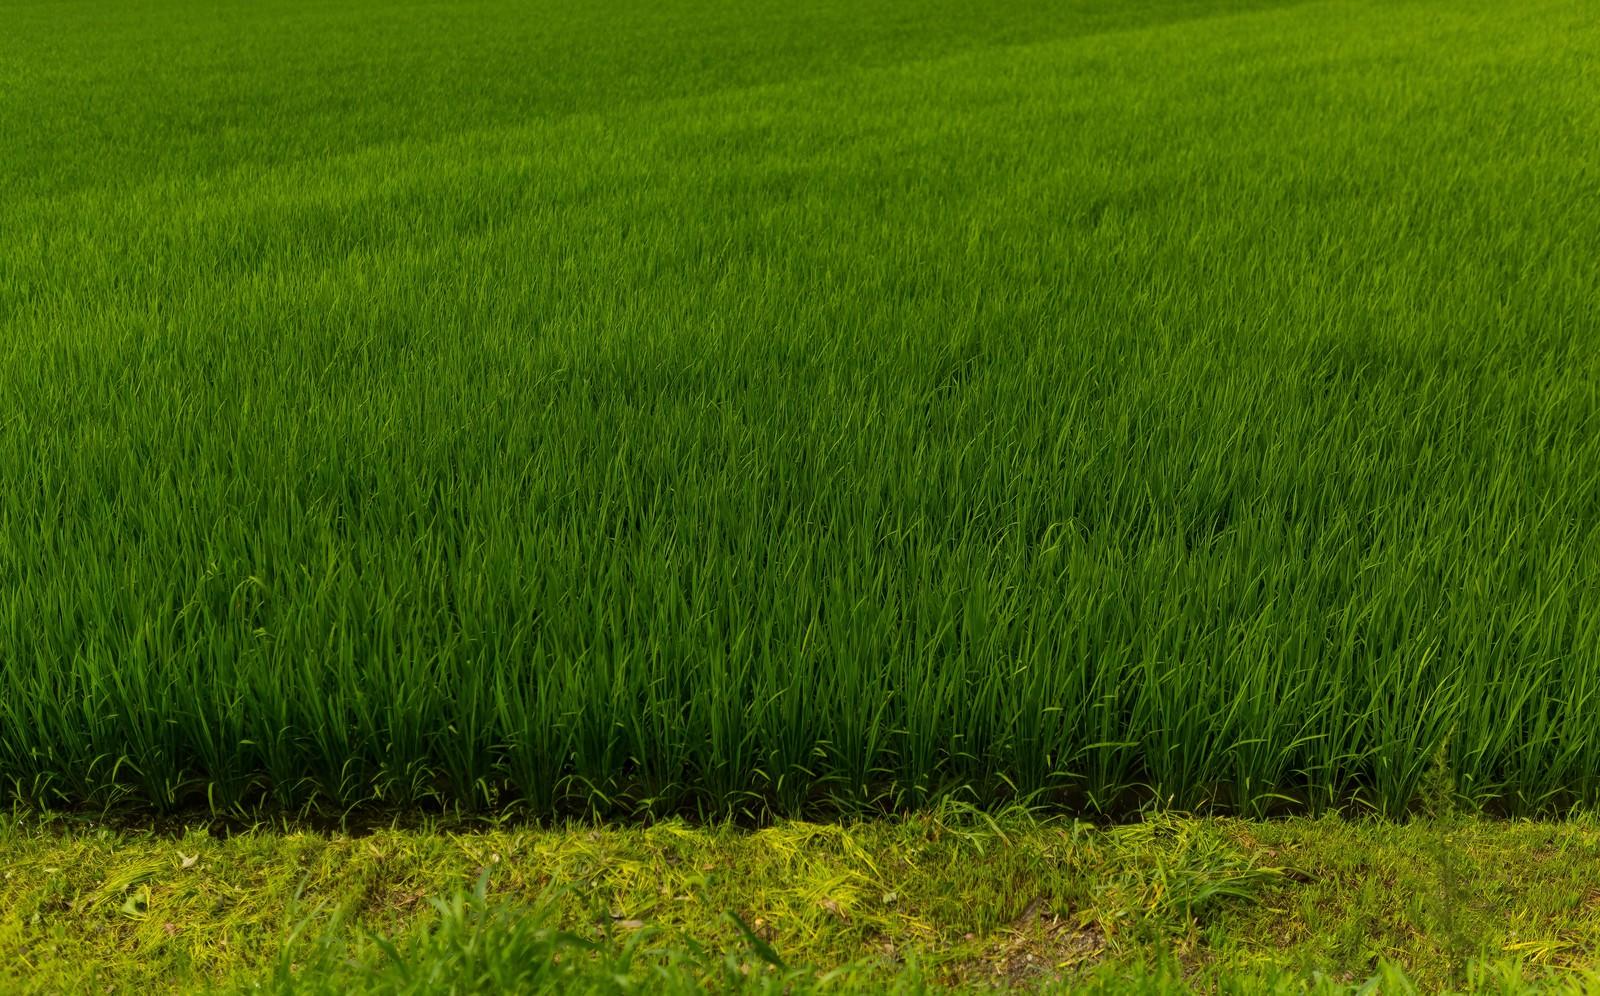 「夏の田んぼ」の写真